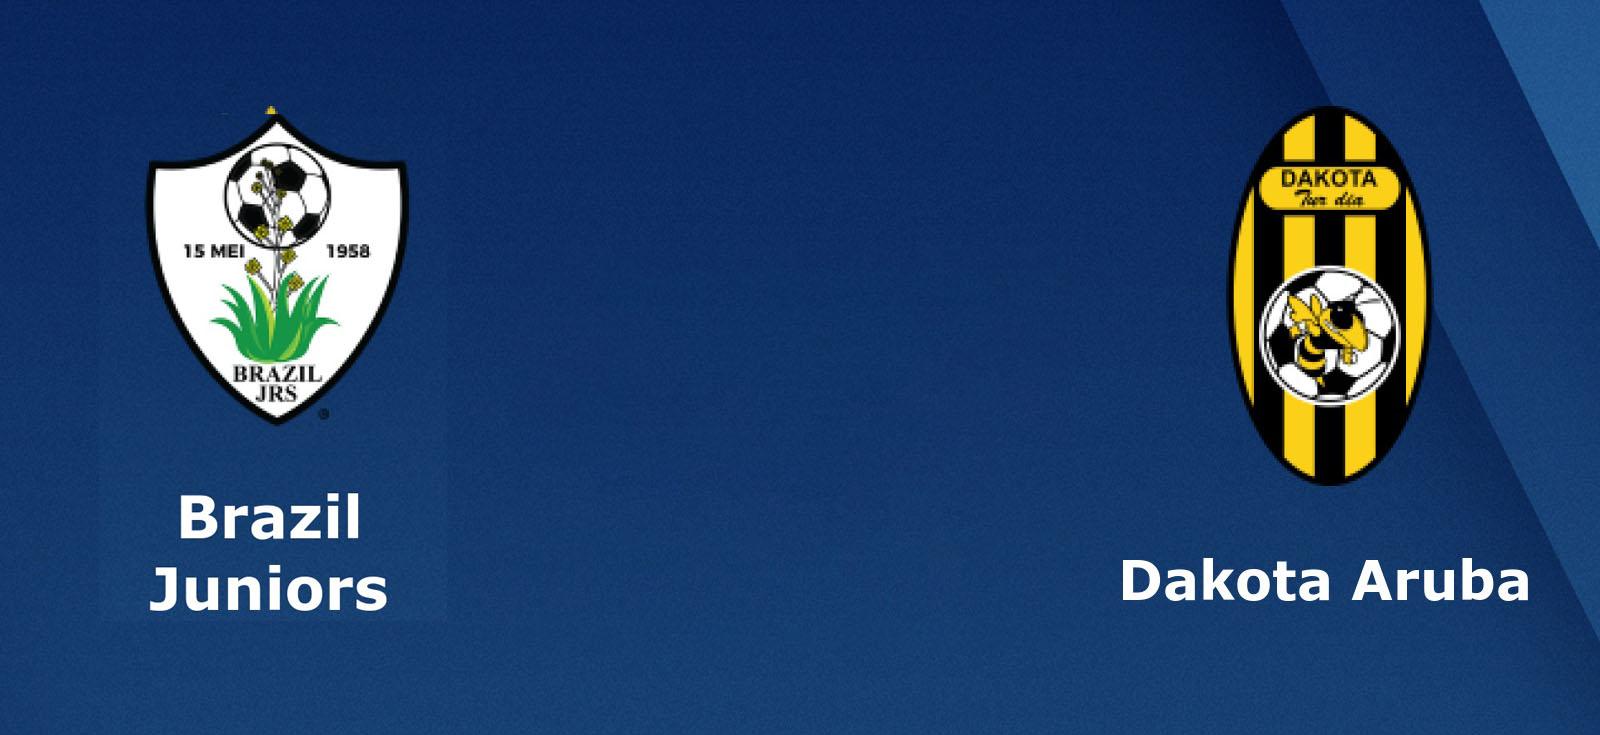 tip-bong-da-tran-norwich-city-vs-Dakota Aruba-–-07h00-14-03-2020-–-giai-ngoai-hang-anh-fa (3)